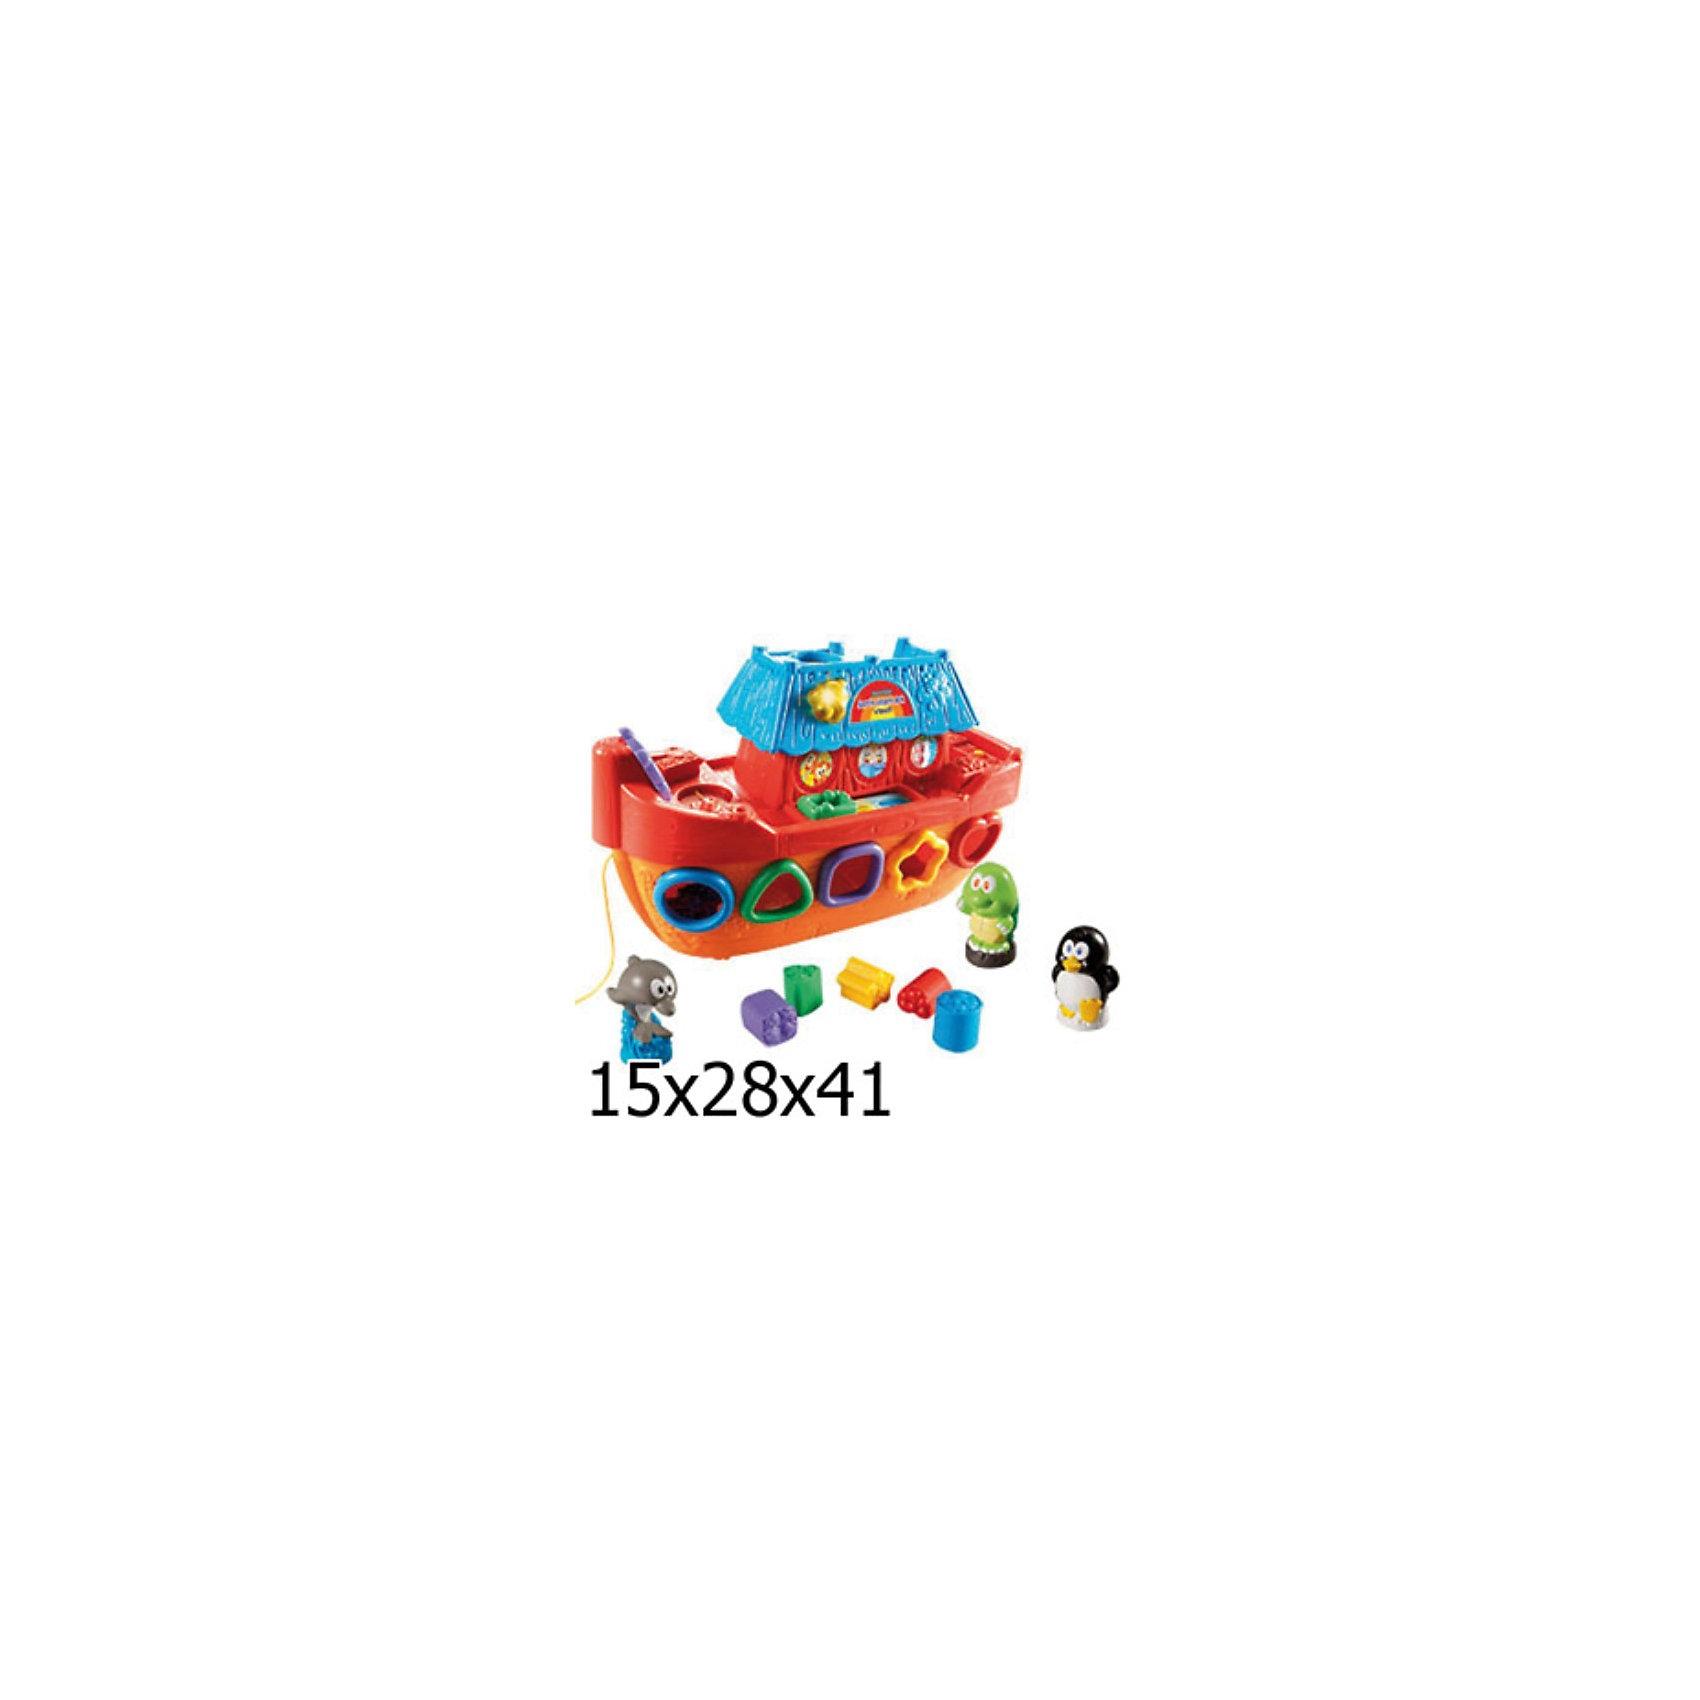 Обучающий корабль, VtechИнтерактивные игрушки для малышей<br>Обучающий корабль, Vtech (Втеч).<br><br>Характеристики:<br><br>• Для детей от 1 года<br>• Комплектация: корабль, 4 фигурки животных, 5 фигурок для сортера<br>• Обучение: учим животных и их звуки, цвета, фигуры<br>• Особенности: 2 режима (учеба, игра), сортер, сенсорная платформа, светящийся колокольчик, вращающийся штурвал, регулятор громкости, таймер автоматического отключения<br>• Песня из мультфильма «Мама для мамонтенка»<br>• Размер корабля: 13,5x32x21 см.<br>• Материал: пластик<br>• Батарейки: 2хAA (в комплекте демонстрационные)<br>• Упаковка: красочная подарочная коробка<br>• Размер упаковки: 40,6x27,9x14,8 см.<br><br>Добро пожаловать на борт обучающего корабля! Красочный яркий корабль с фигурками животных сразу привлечет внимание малыша и отправит его в увлекательное и познавательное морское путешествие. В комплекте с кораблем ребенок найдет 4 фигурки животных, а также 5 фигурок для сортера. Сортируя цветные фигурки и проталкивая их в отверстия, малыш научится распознавать цвета и геометрические фигуры. <br><br>Достать фигурки можно открыв дверцу с обратной стороны корабля. Если поставить фигурку животного на специальную платформу, то кораблик расскажет ребенку о том, как называется это животное, его особенности и звуки. Когда малыш немного подрастет, он сможет катать игрушку за веревочку. Игрушка изготовлена из прочного безопасного не бьющегося пластика. Продается в красочной коробке и идеально подходит в качестве подарка.<br><br>Обучающий корабль, Vtech (Втеч) можно купить в нашем интернет-магазине.<br><br>Ширина мм: 150<br>Глубина мм: 410<br>Высота мм: 280<br>Вес г: 1800<br>Возраст от месяцев: 12<br>Возраст до месяцев: 48<br>Пол: Унисекс<br>Возраст: Детский<br>SKU: 2149255